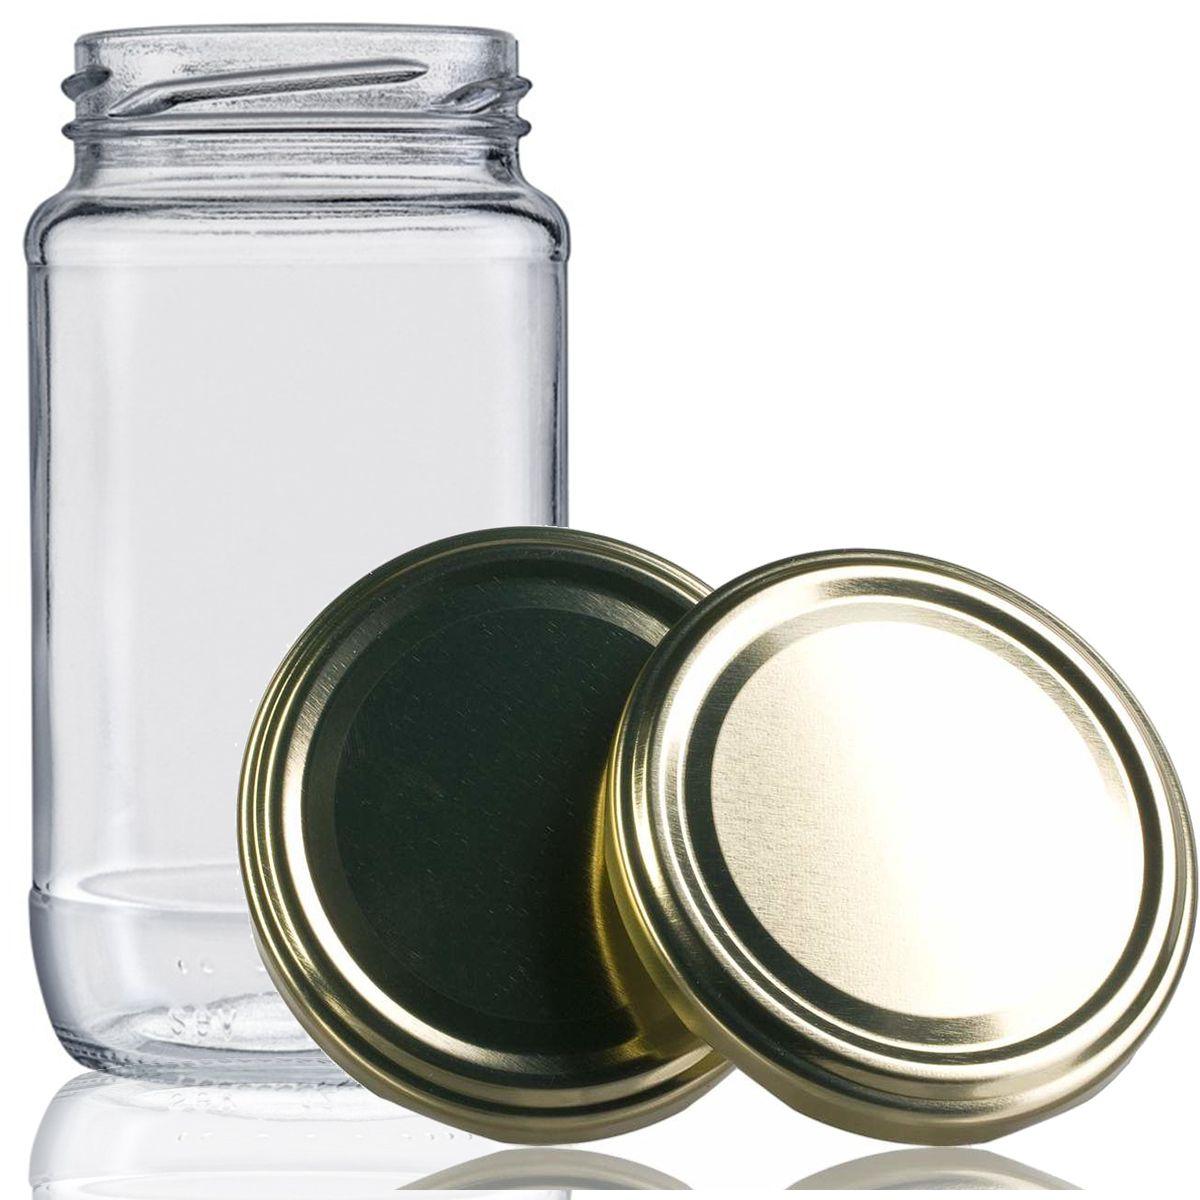 12 Potes De Vidro Azeitona 355 Ml Com Tampa Dourada + Lacre  - EMPÓRIO PACK